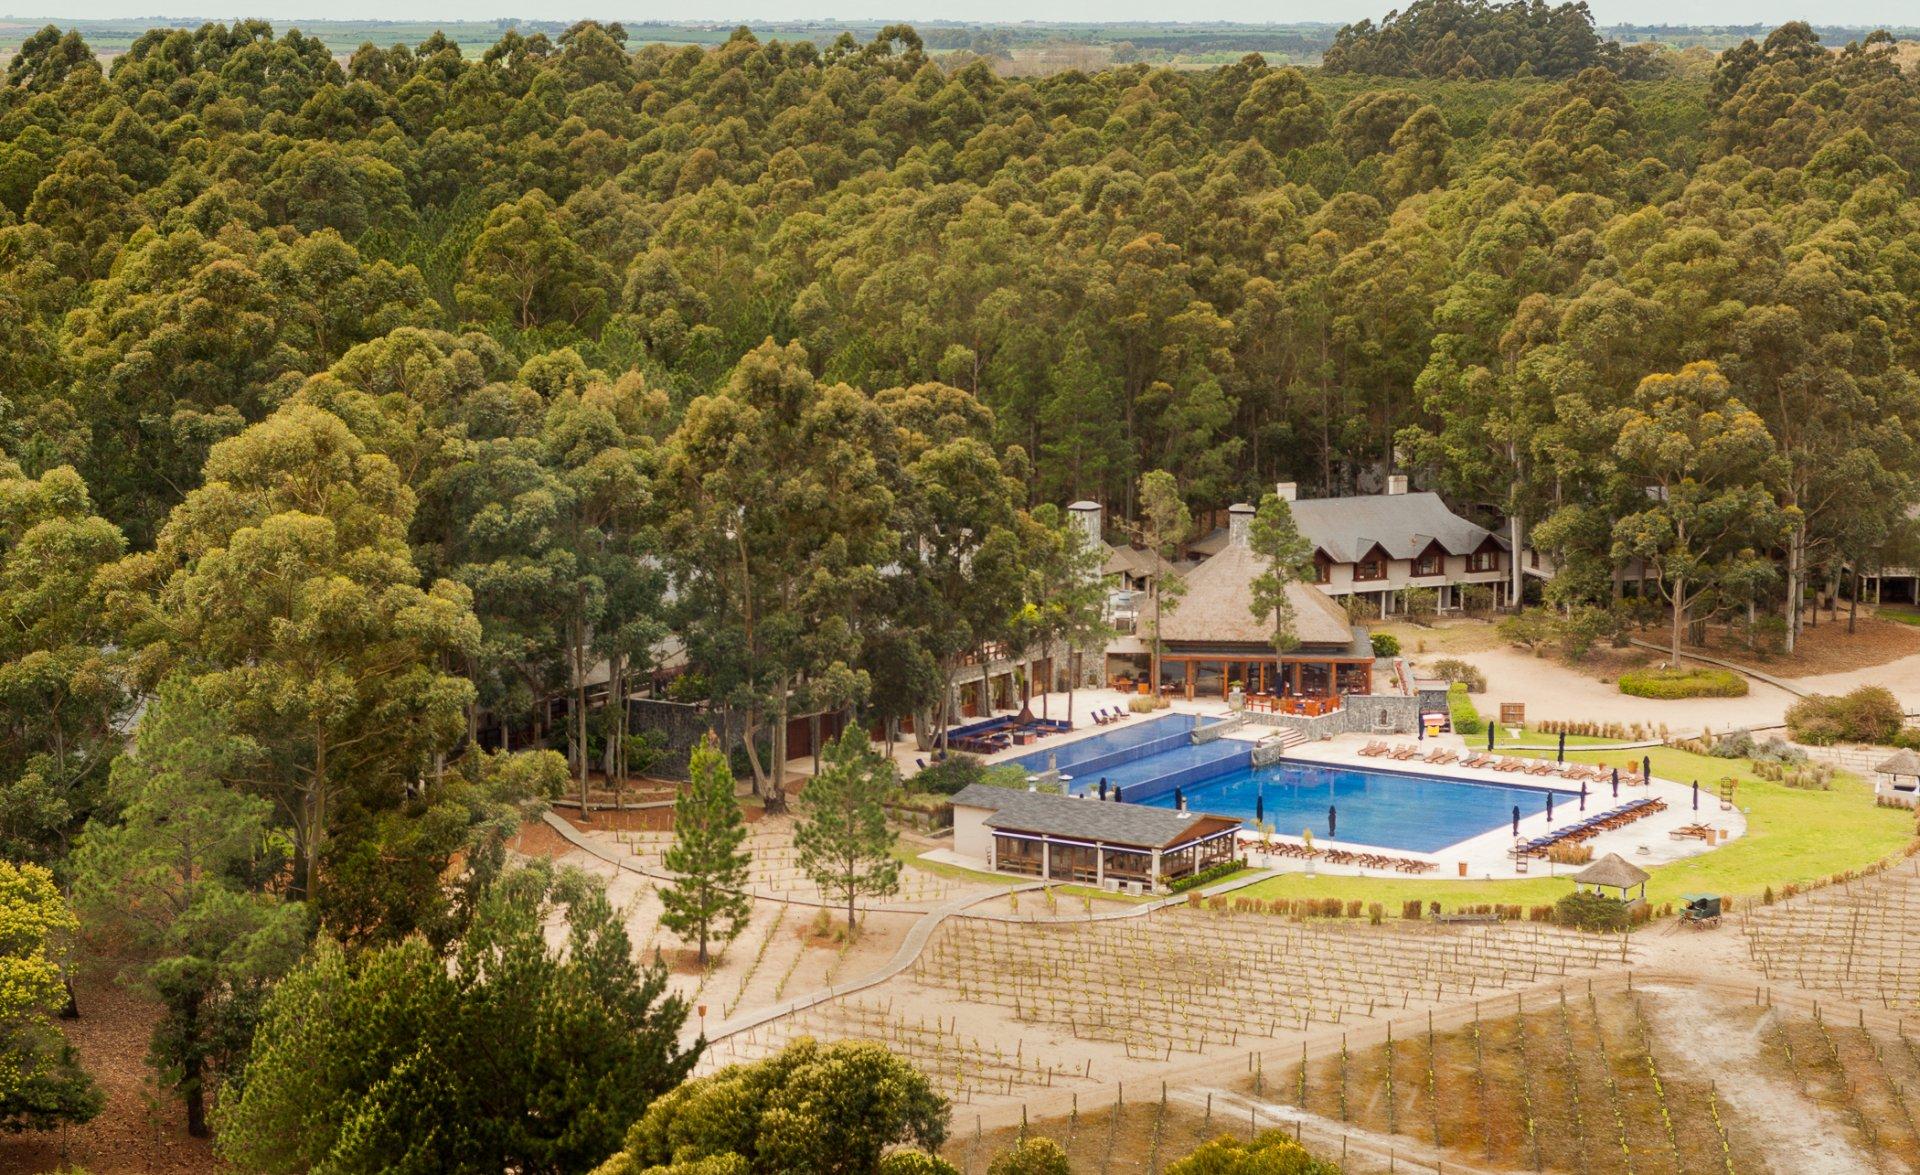 Foto retirada do site do resort.